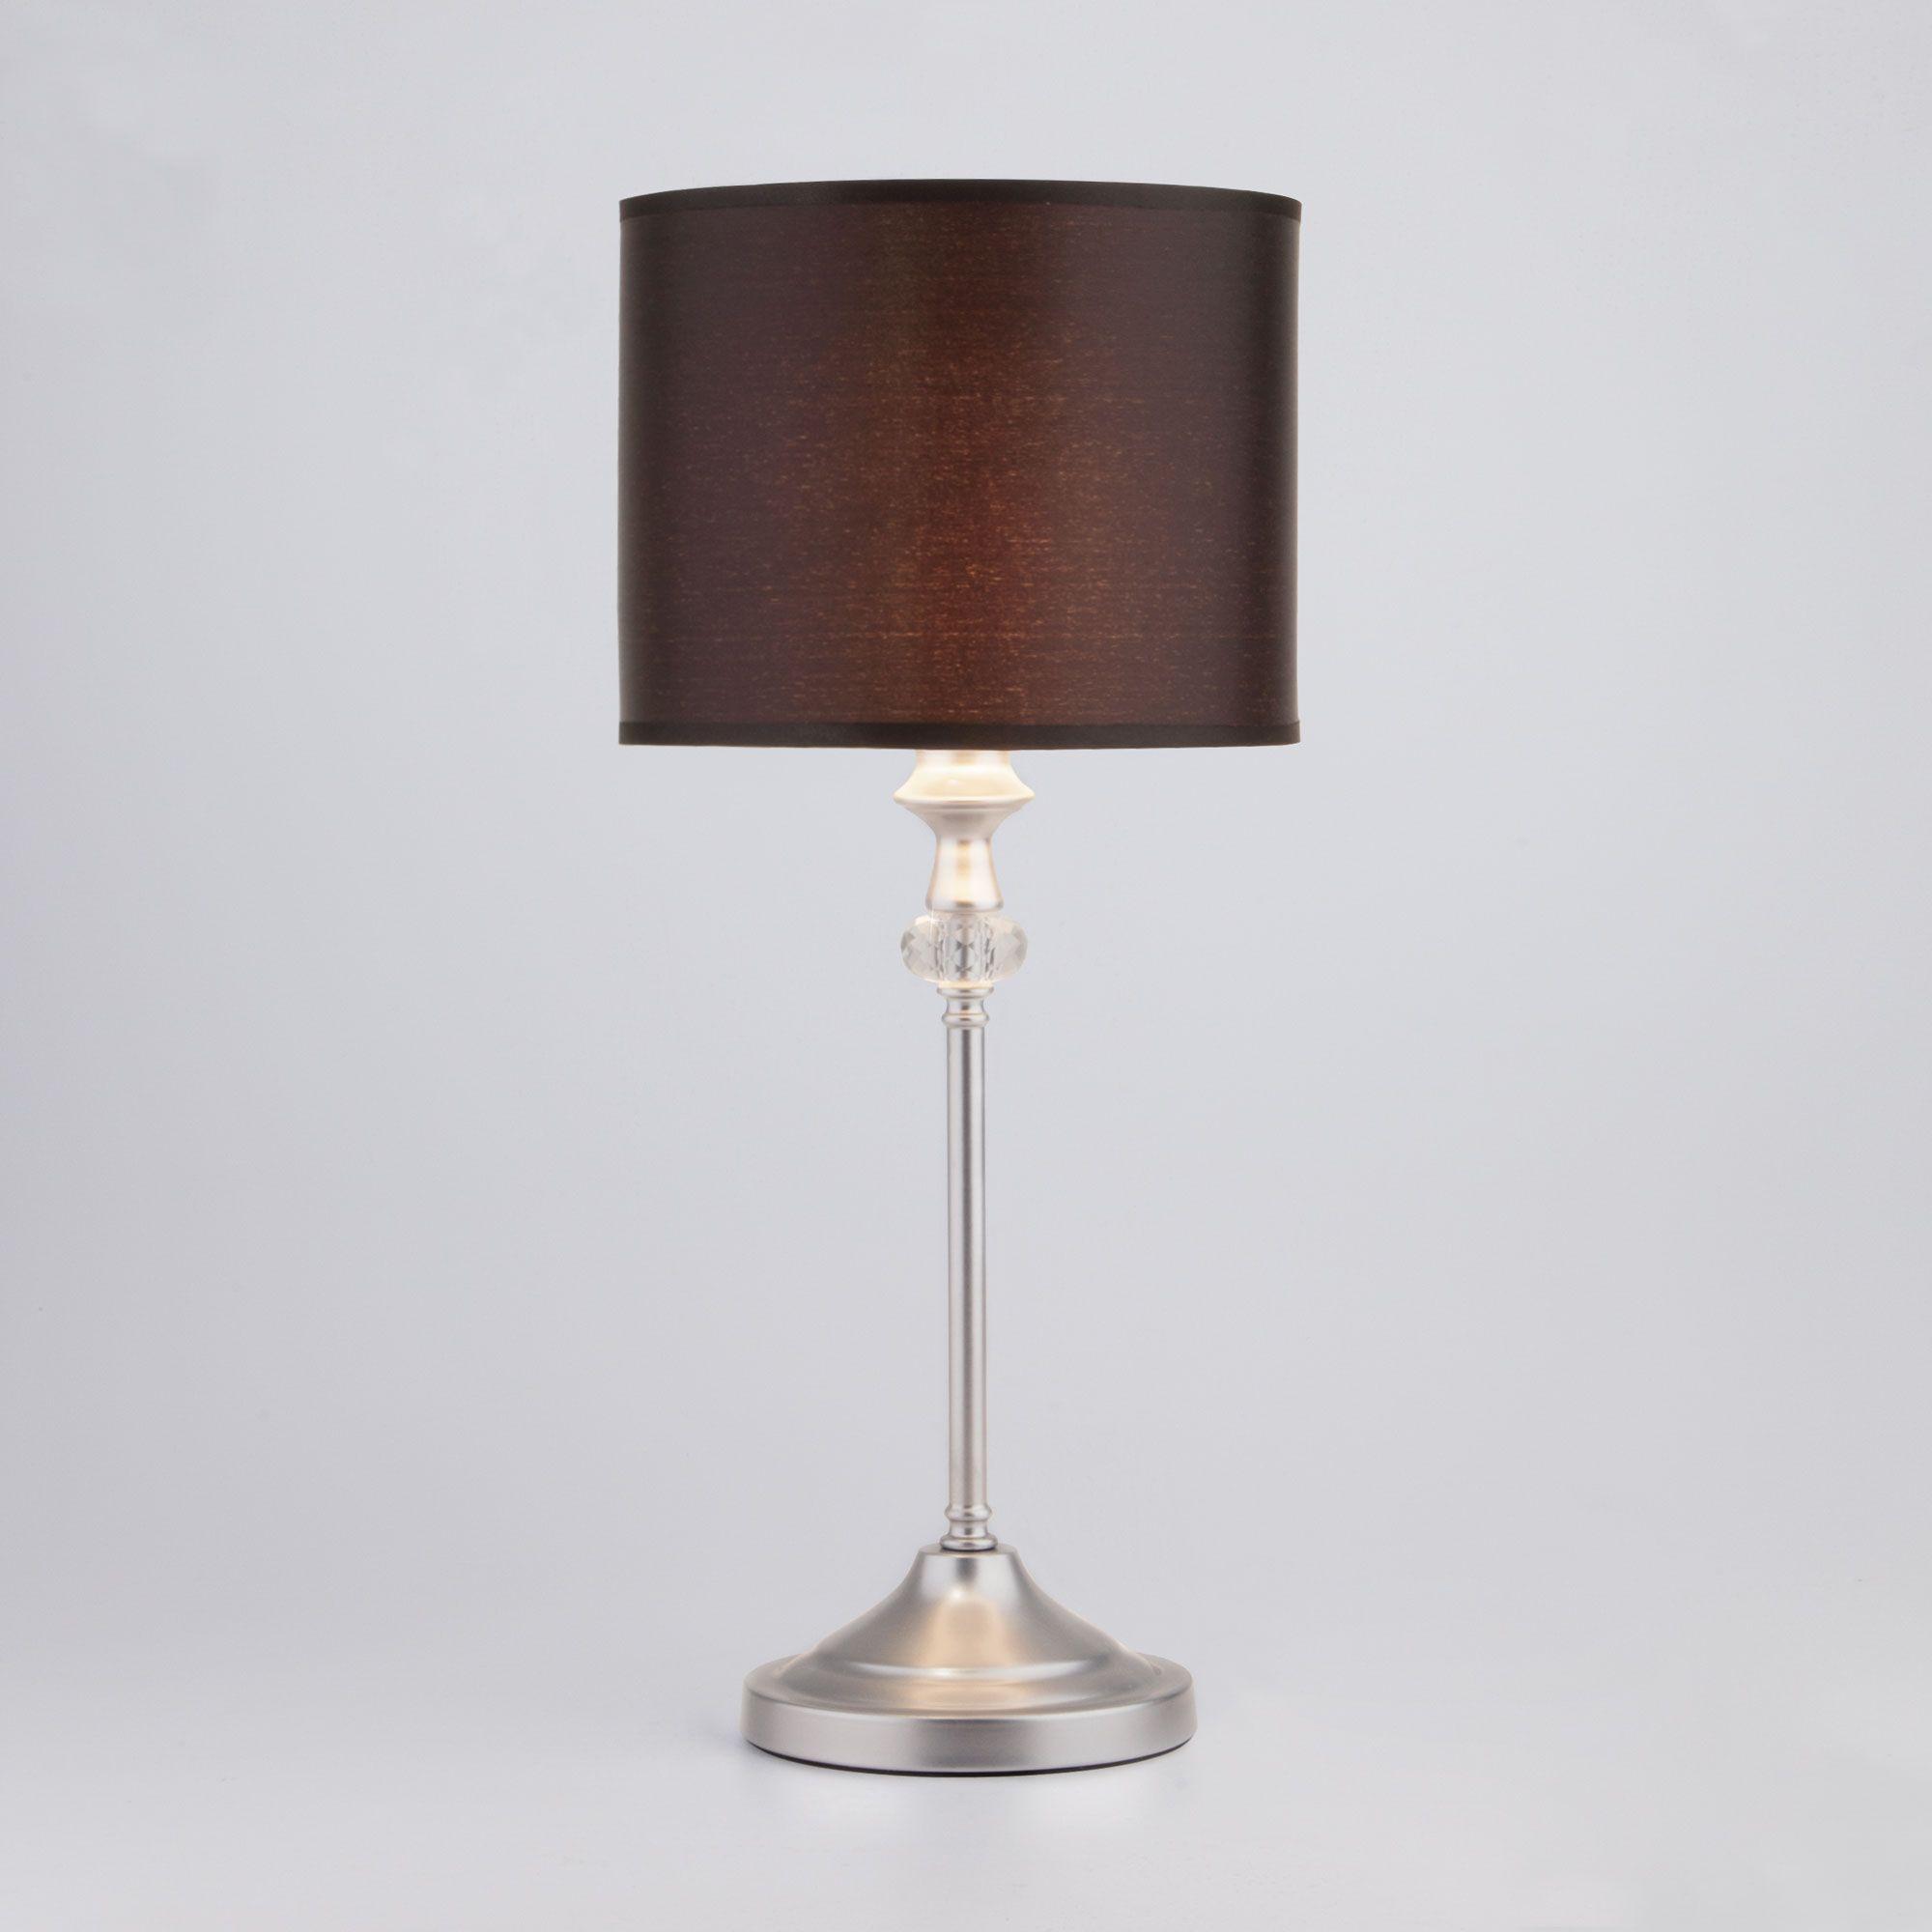 Настольная лампа с черным абажуром 01049/1 серебро